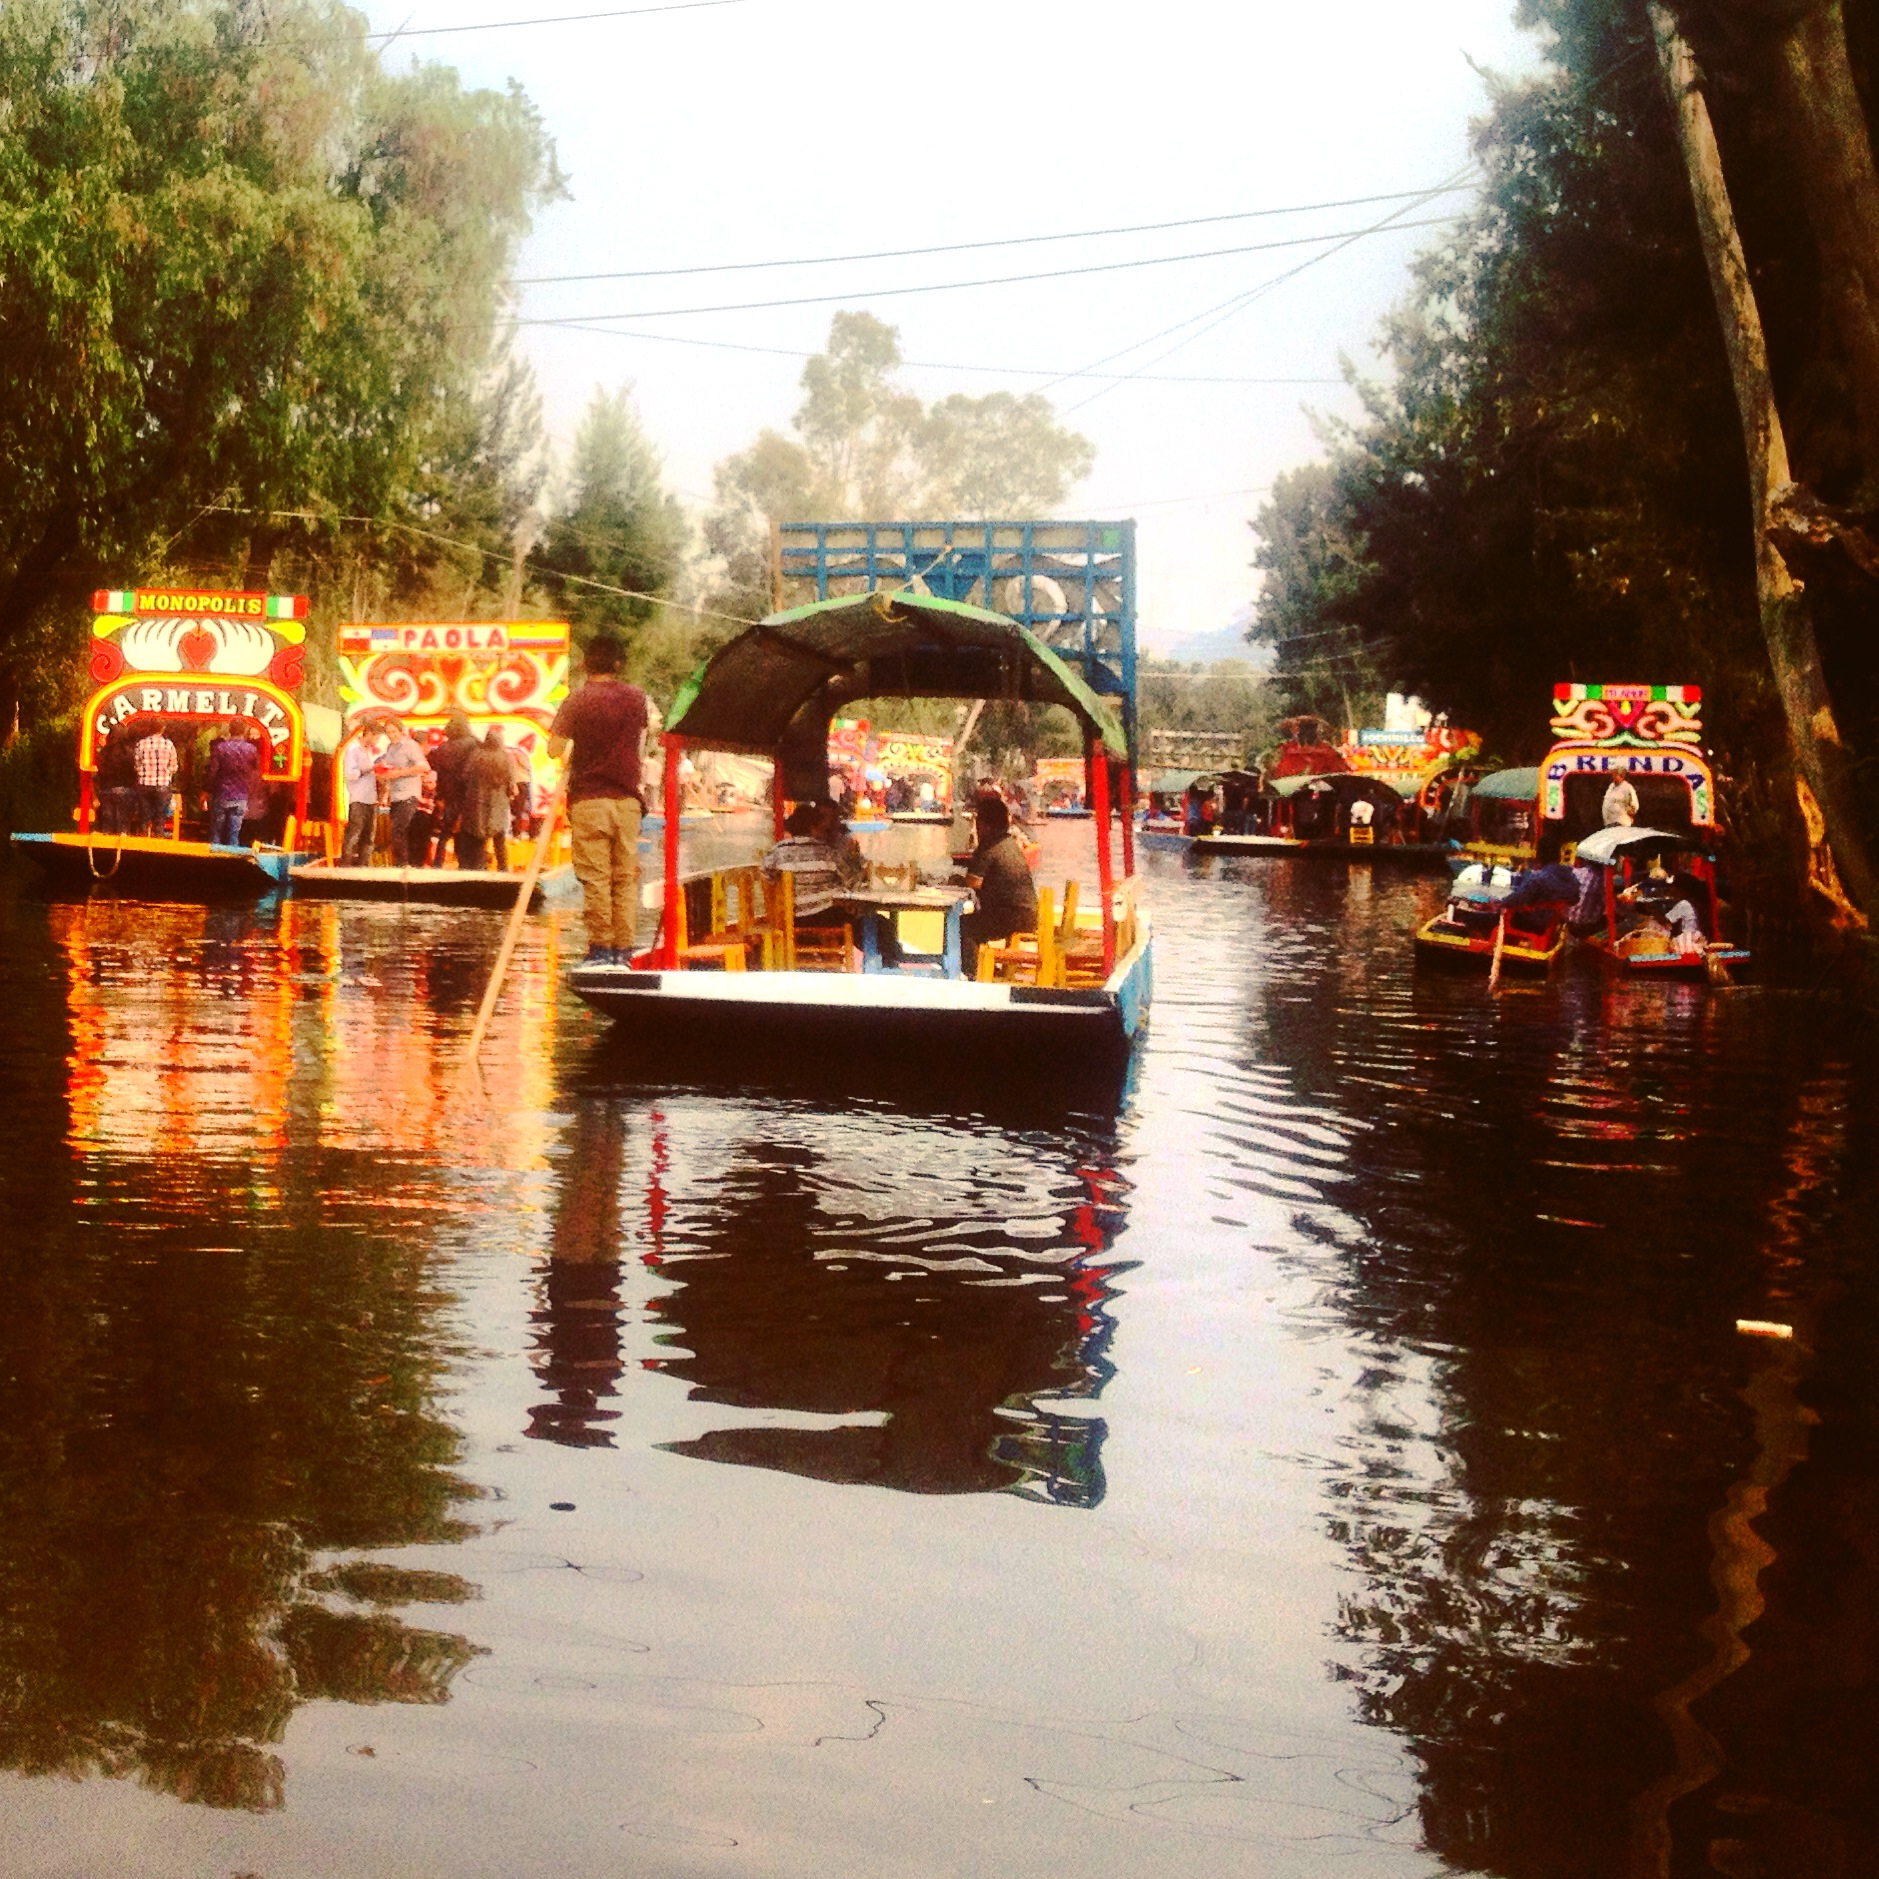 Passeio de trajinera em Xocimilco - Cidade do México